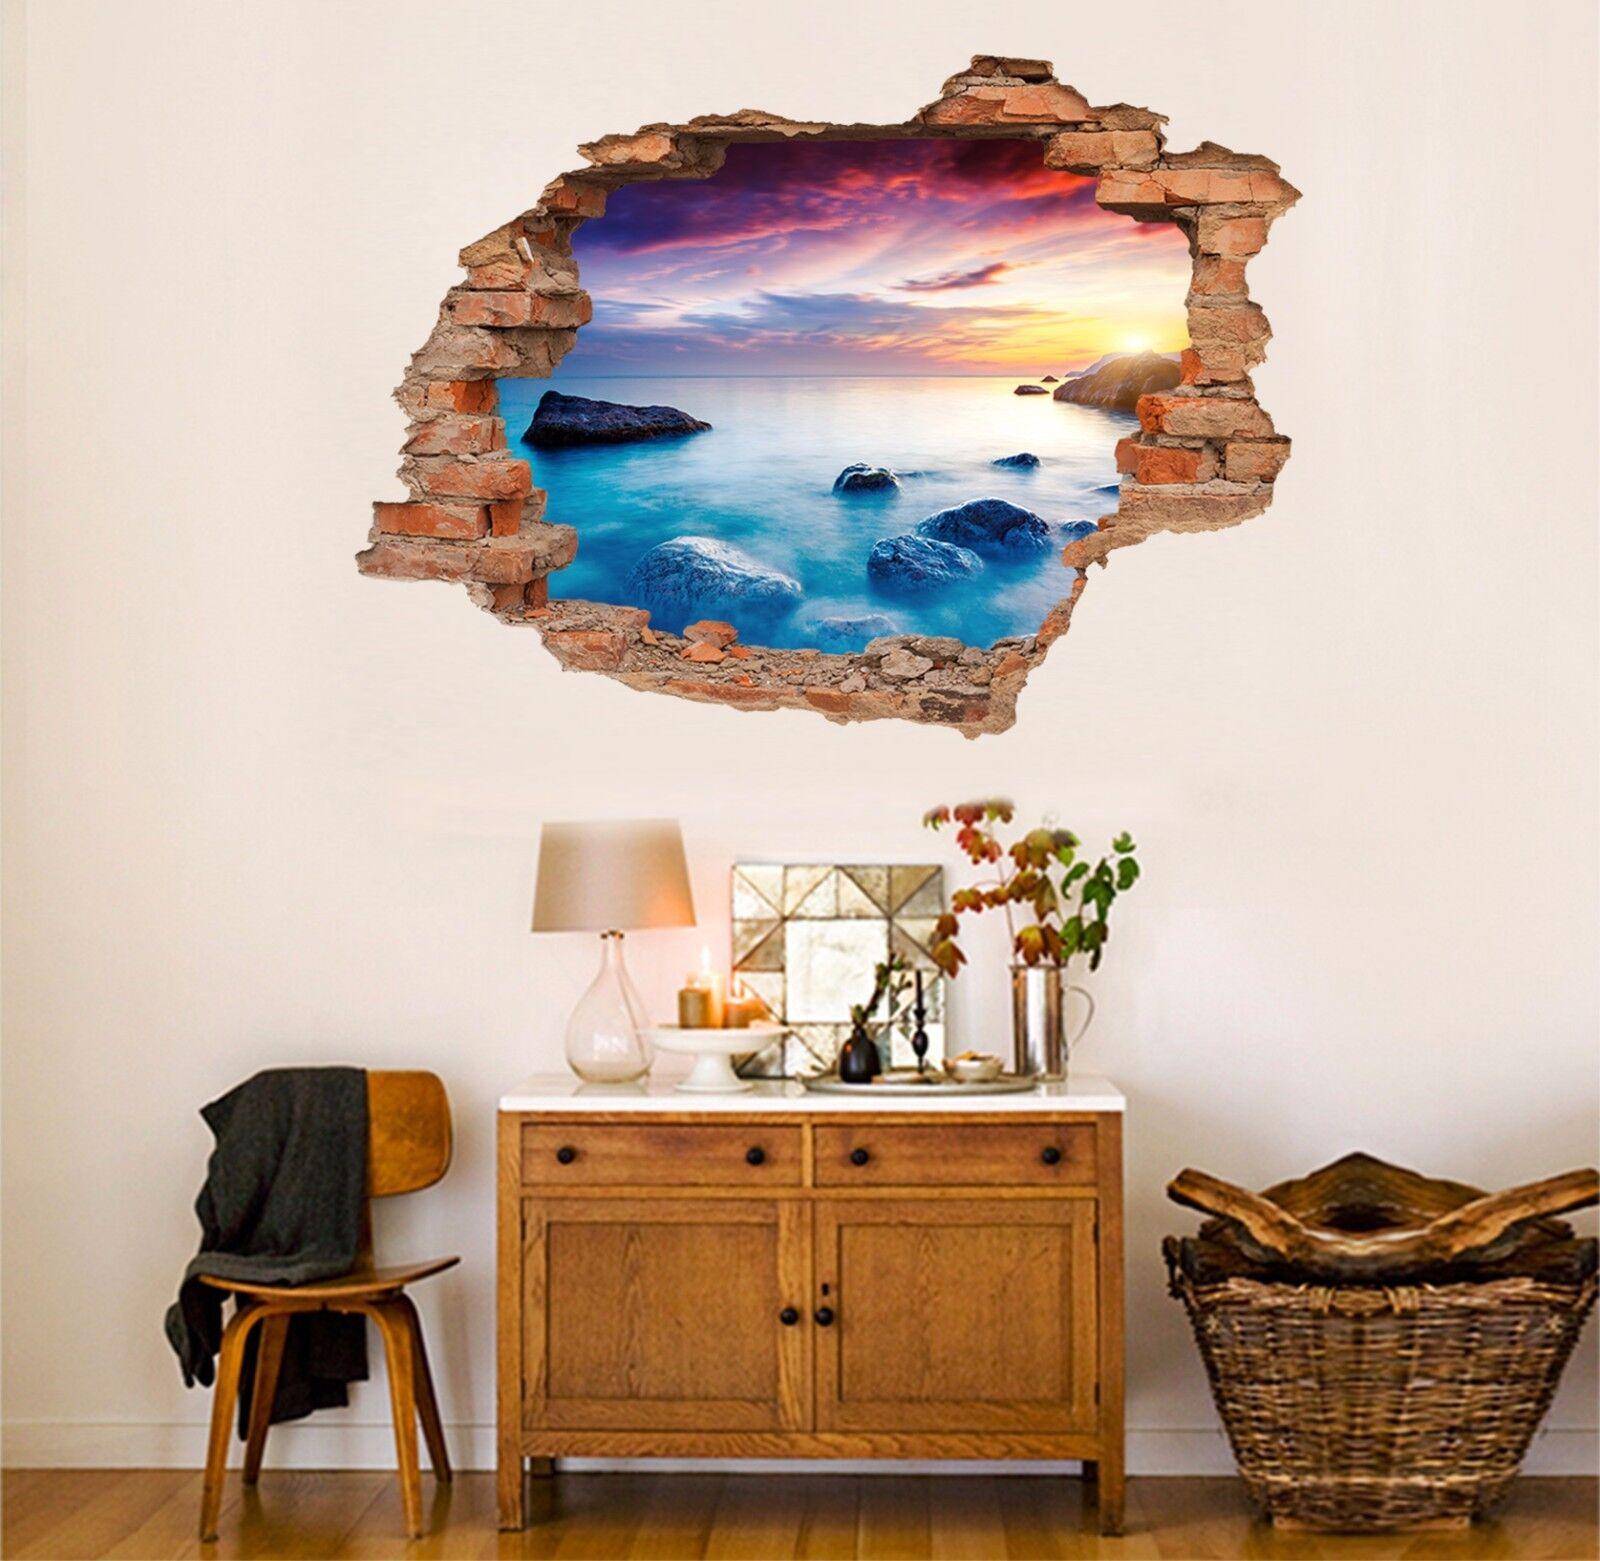 3D Stein Ozean 765  Mauer Murals Mauer Aufklebe Decal Durchbruch AJ WALLPAPER DE